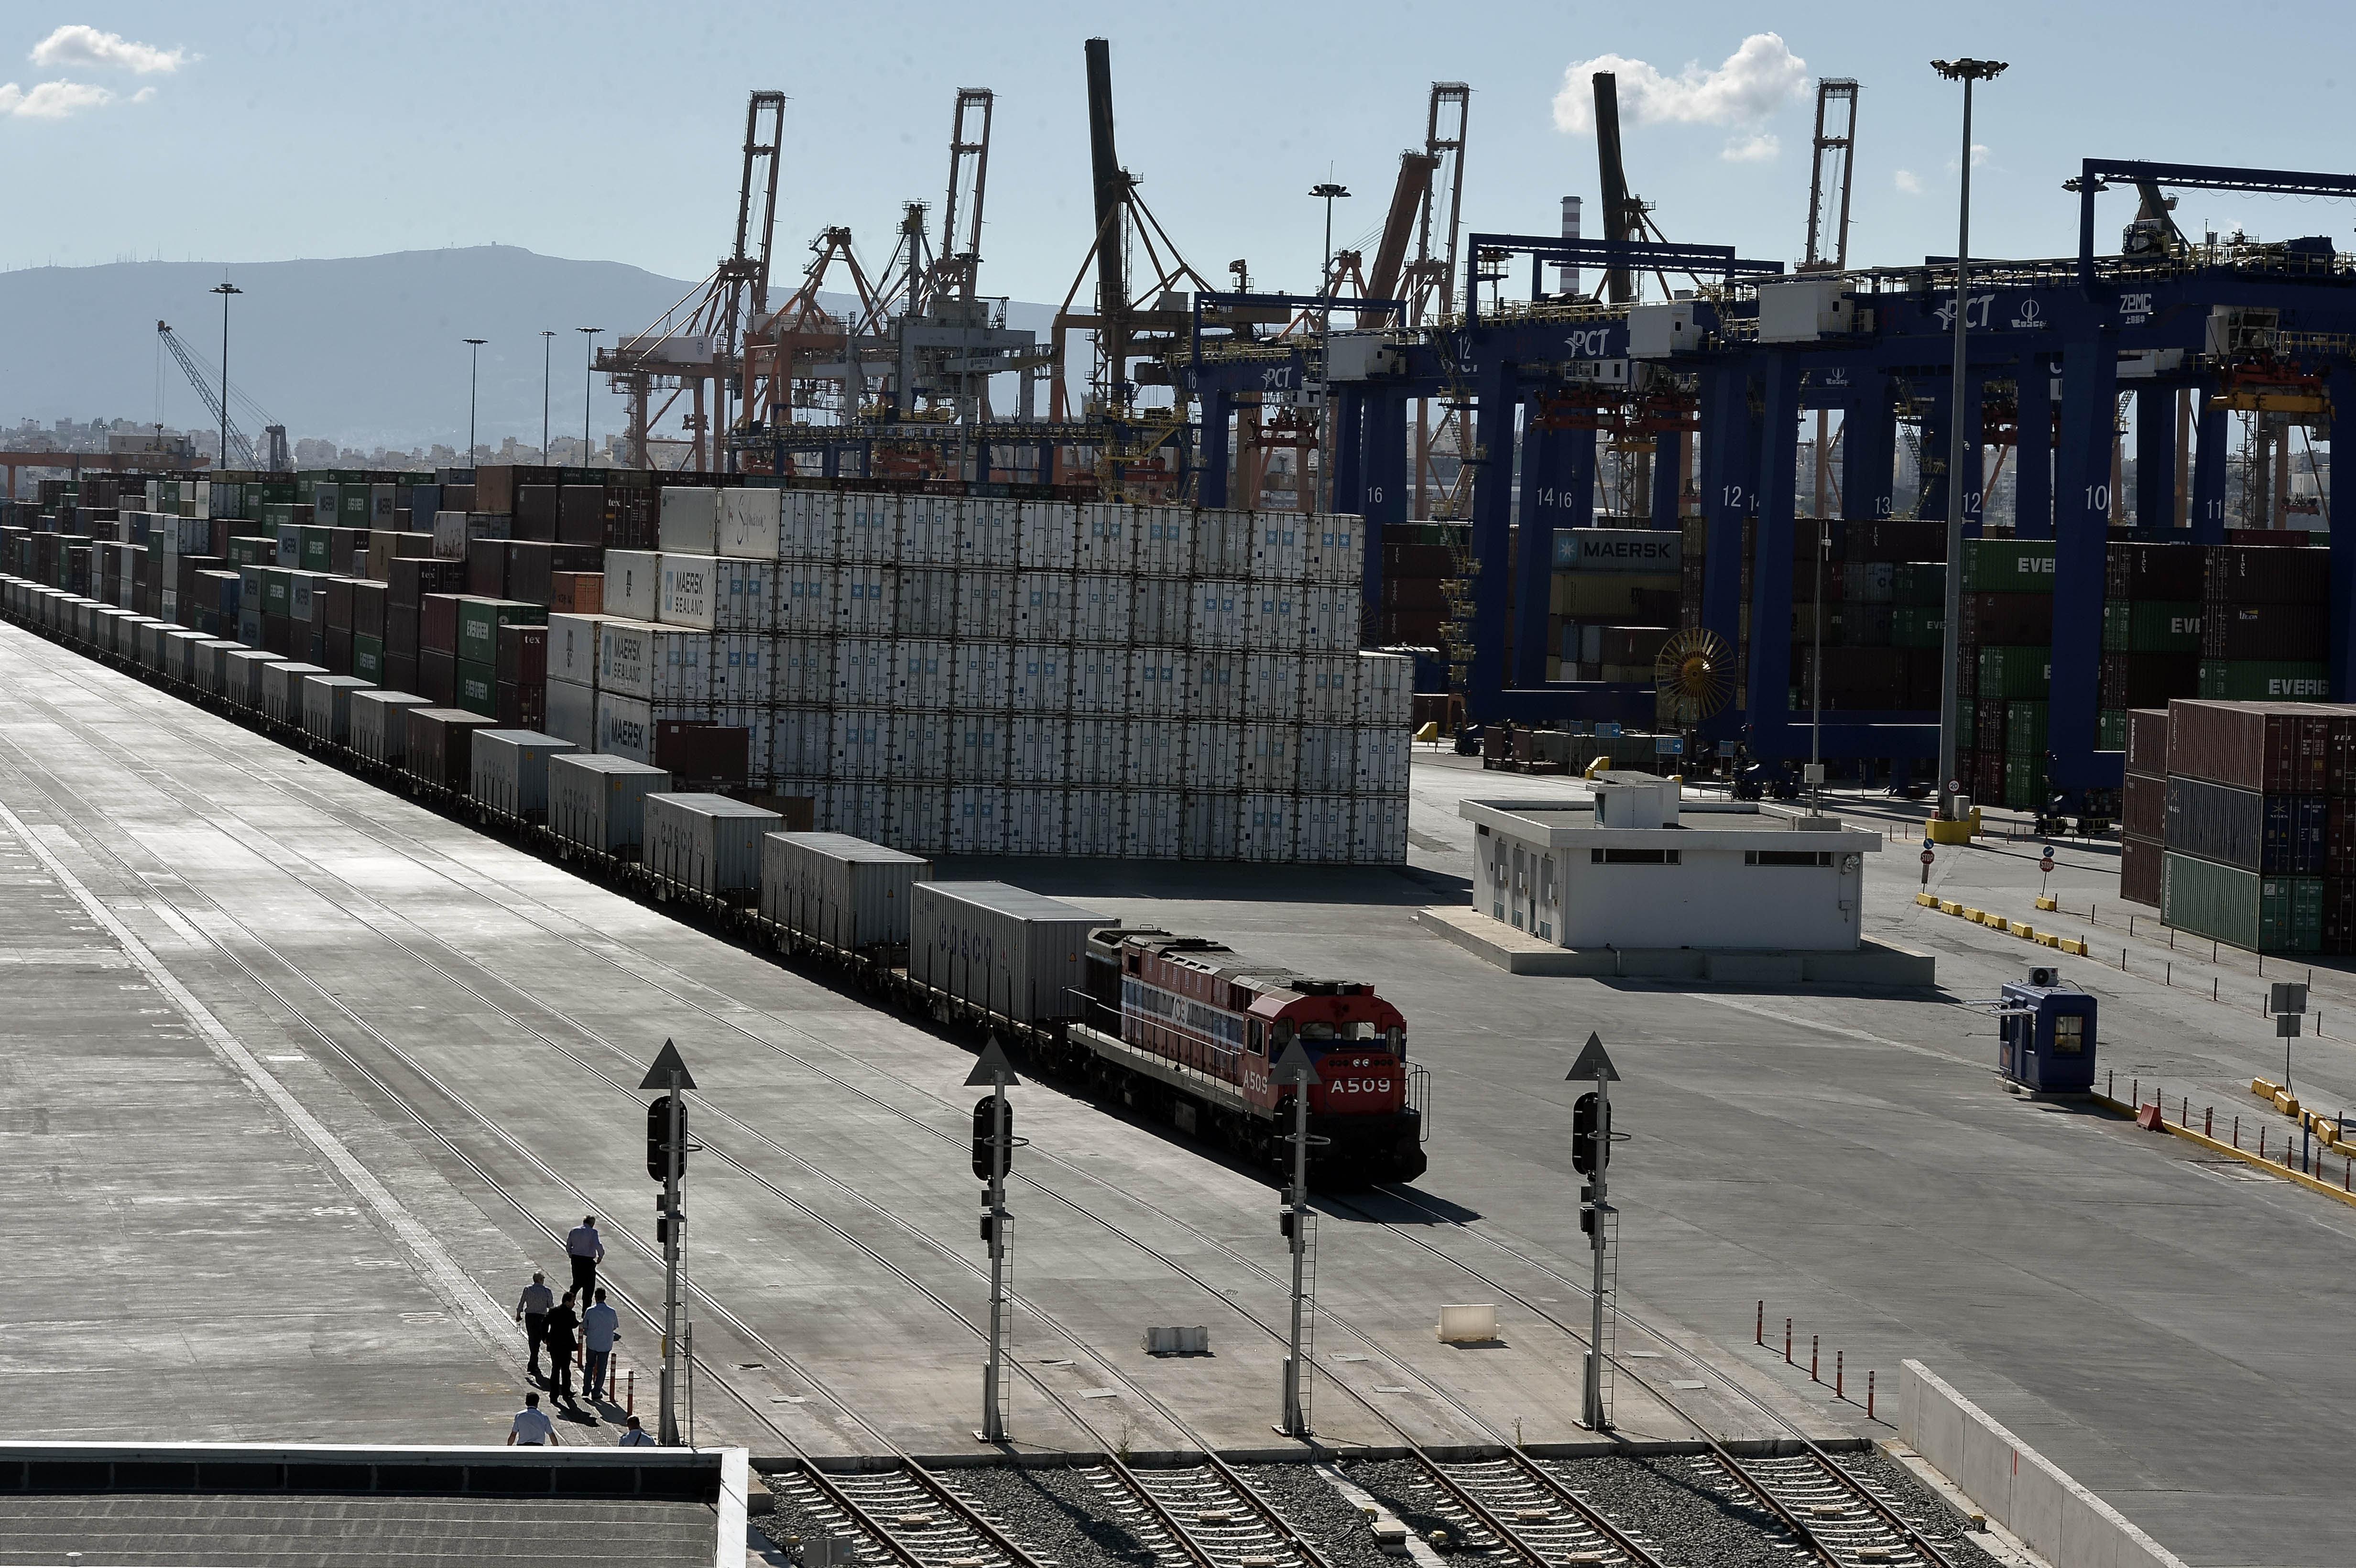 Το «Κεφάλι του Δράκου»: Γιατί ο Πειραιάς τείνει να γίνει το πρώτο λιμάνι της Ευρώπης